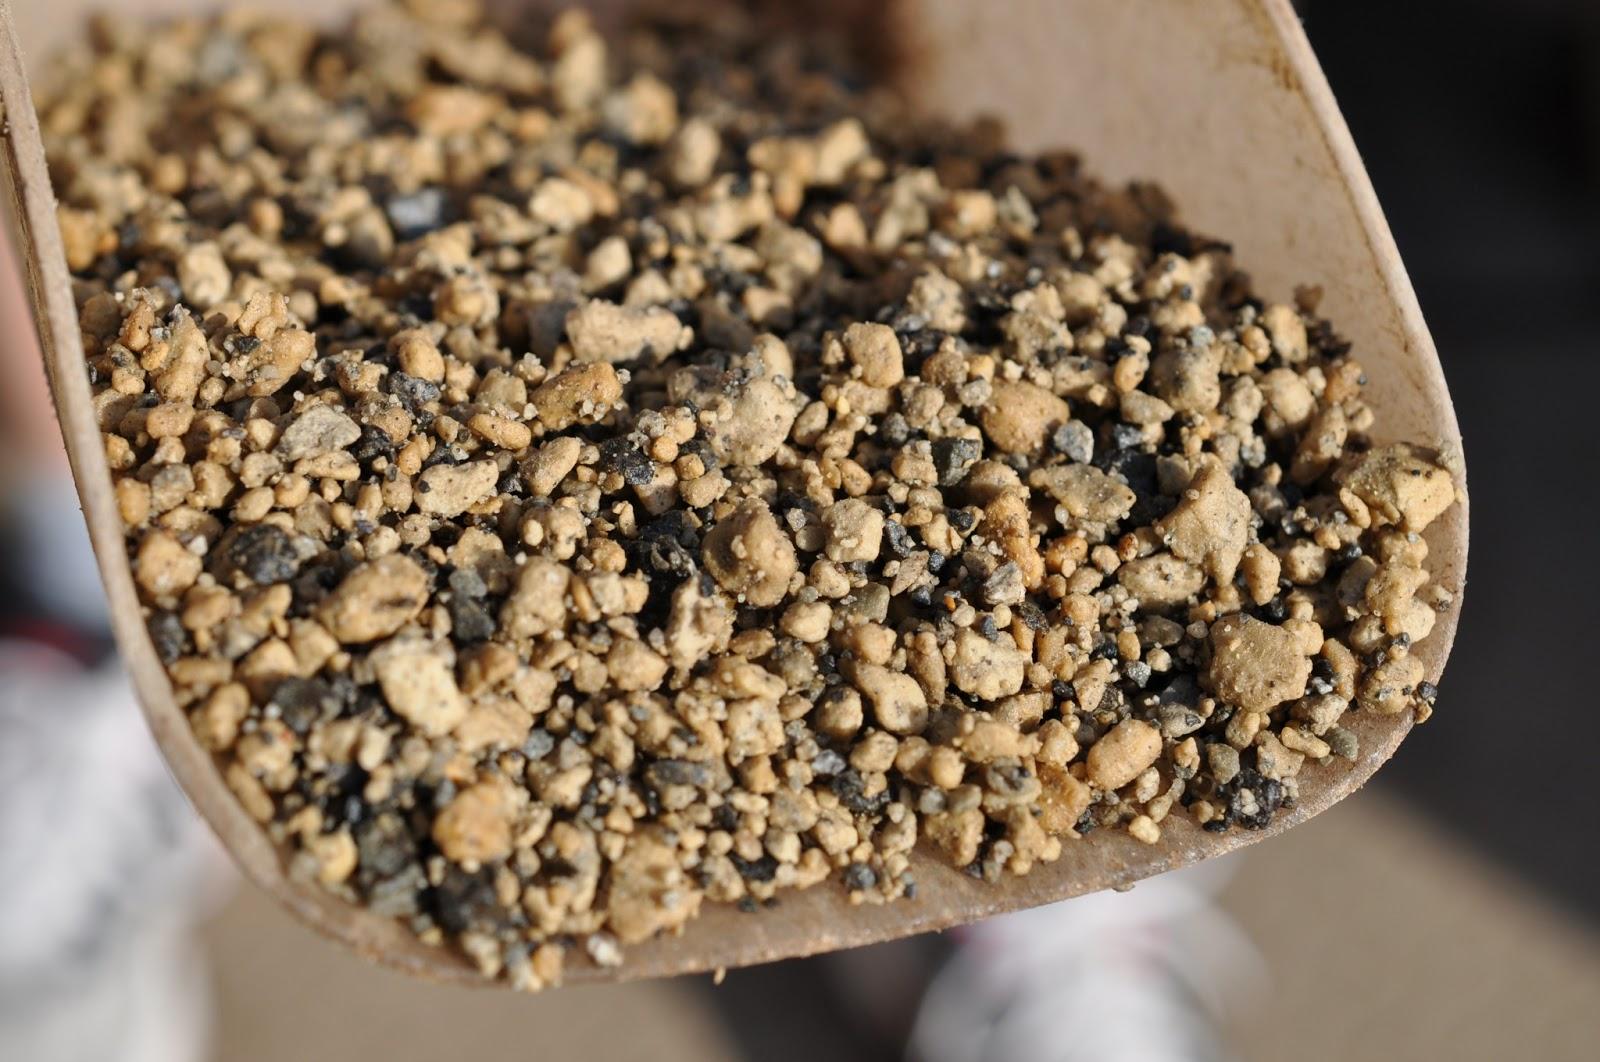 All In One Bonsai And Ceramics Bonsai Soil